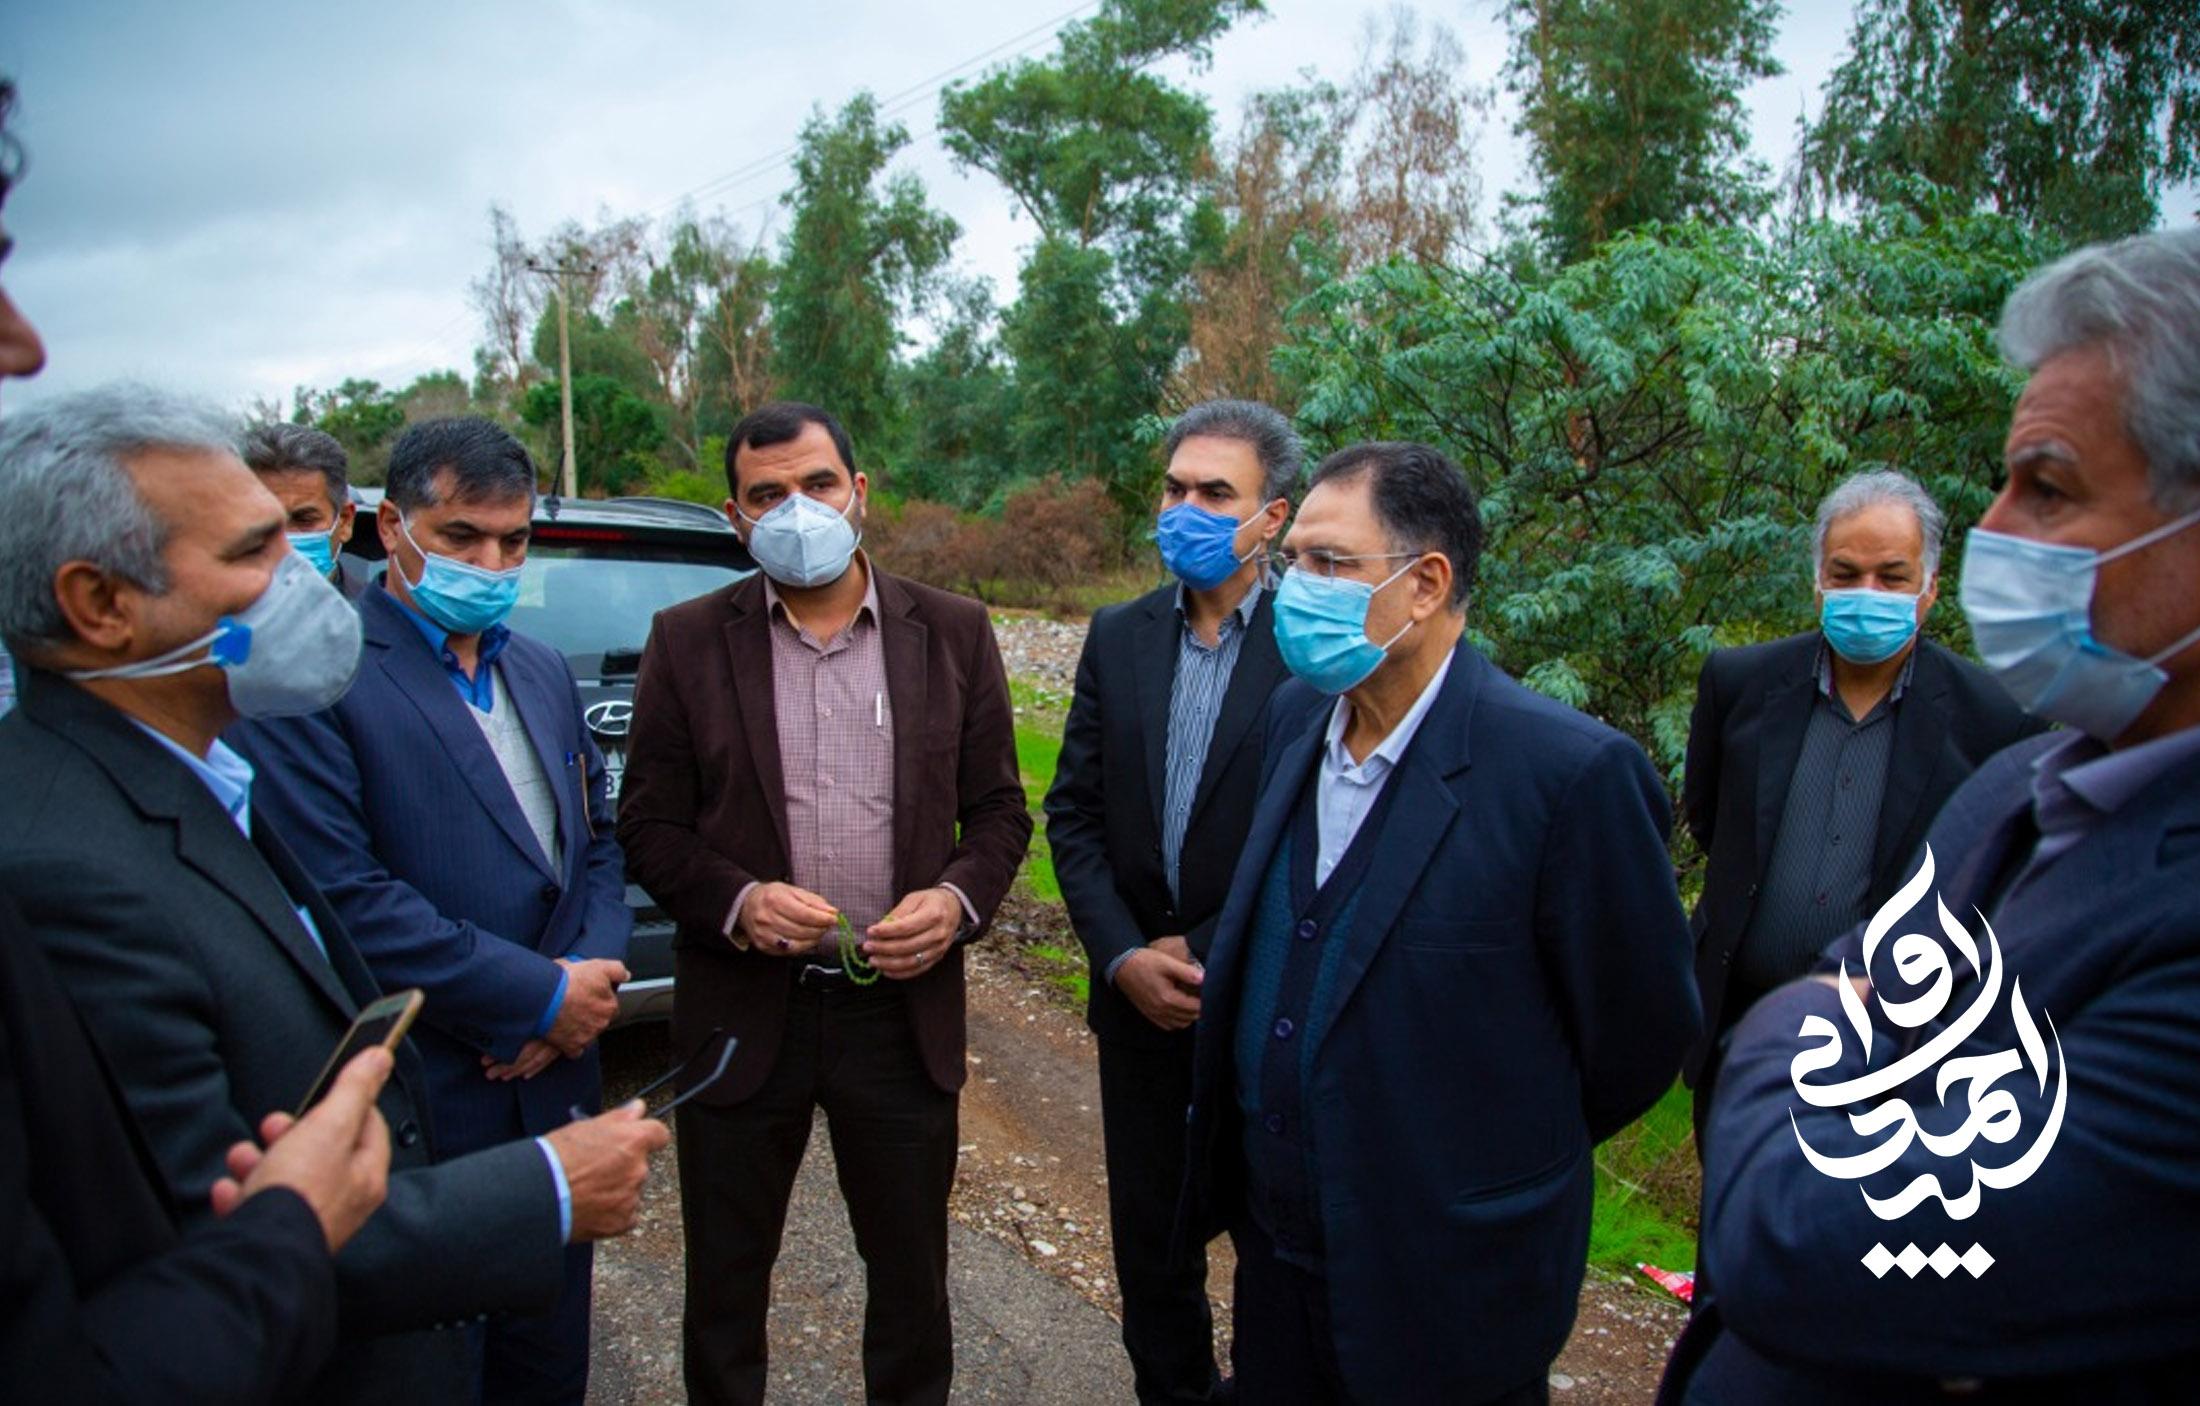 آوایی: اقدامات صورت گرفته در پارک جنگلی لاله فاجعه محیط زیستی است